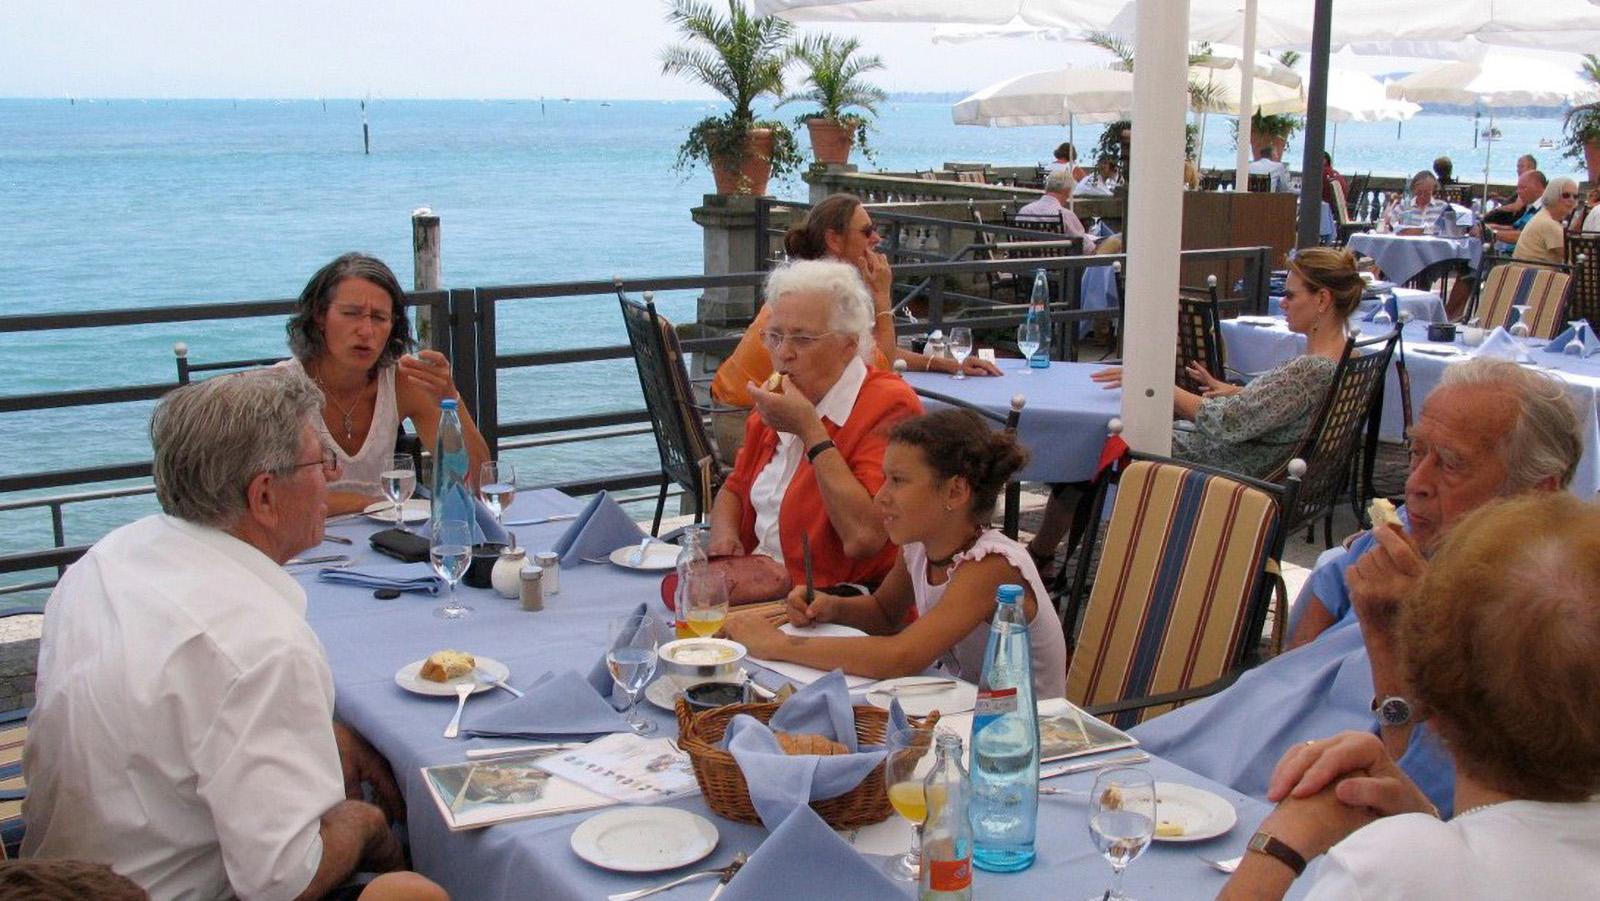 Steigenberger-Hotel See-Terrasse für einen schönen Abend - Ferienwohnung Roos Konstanz